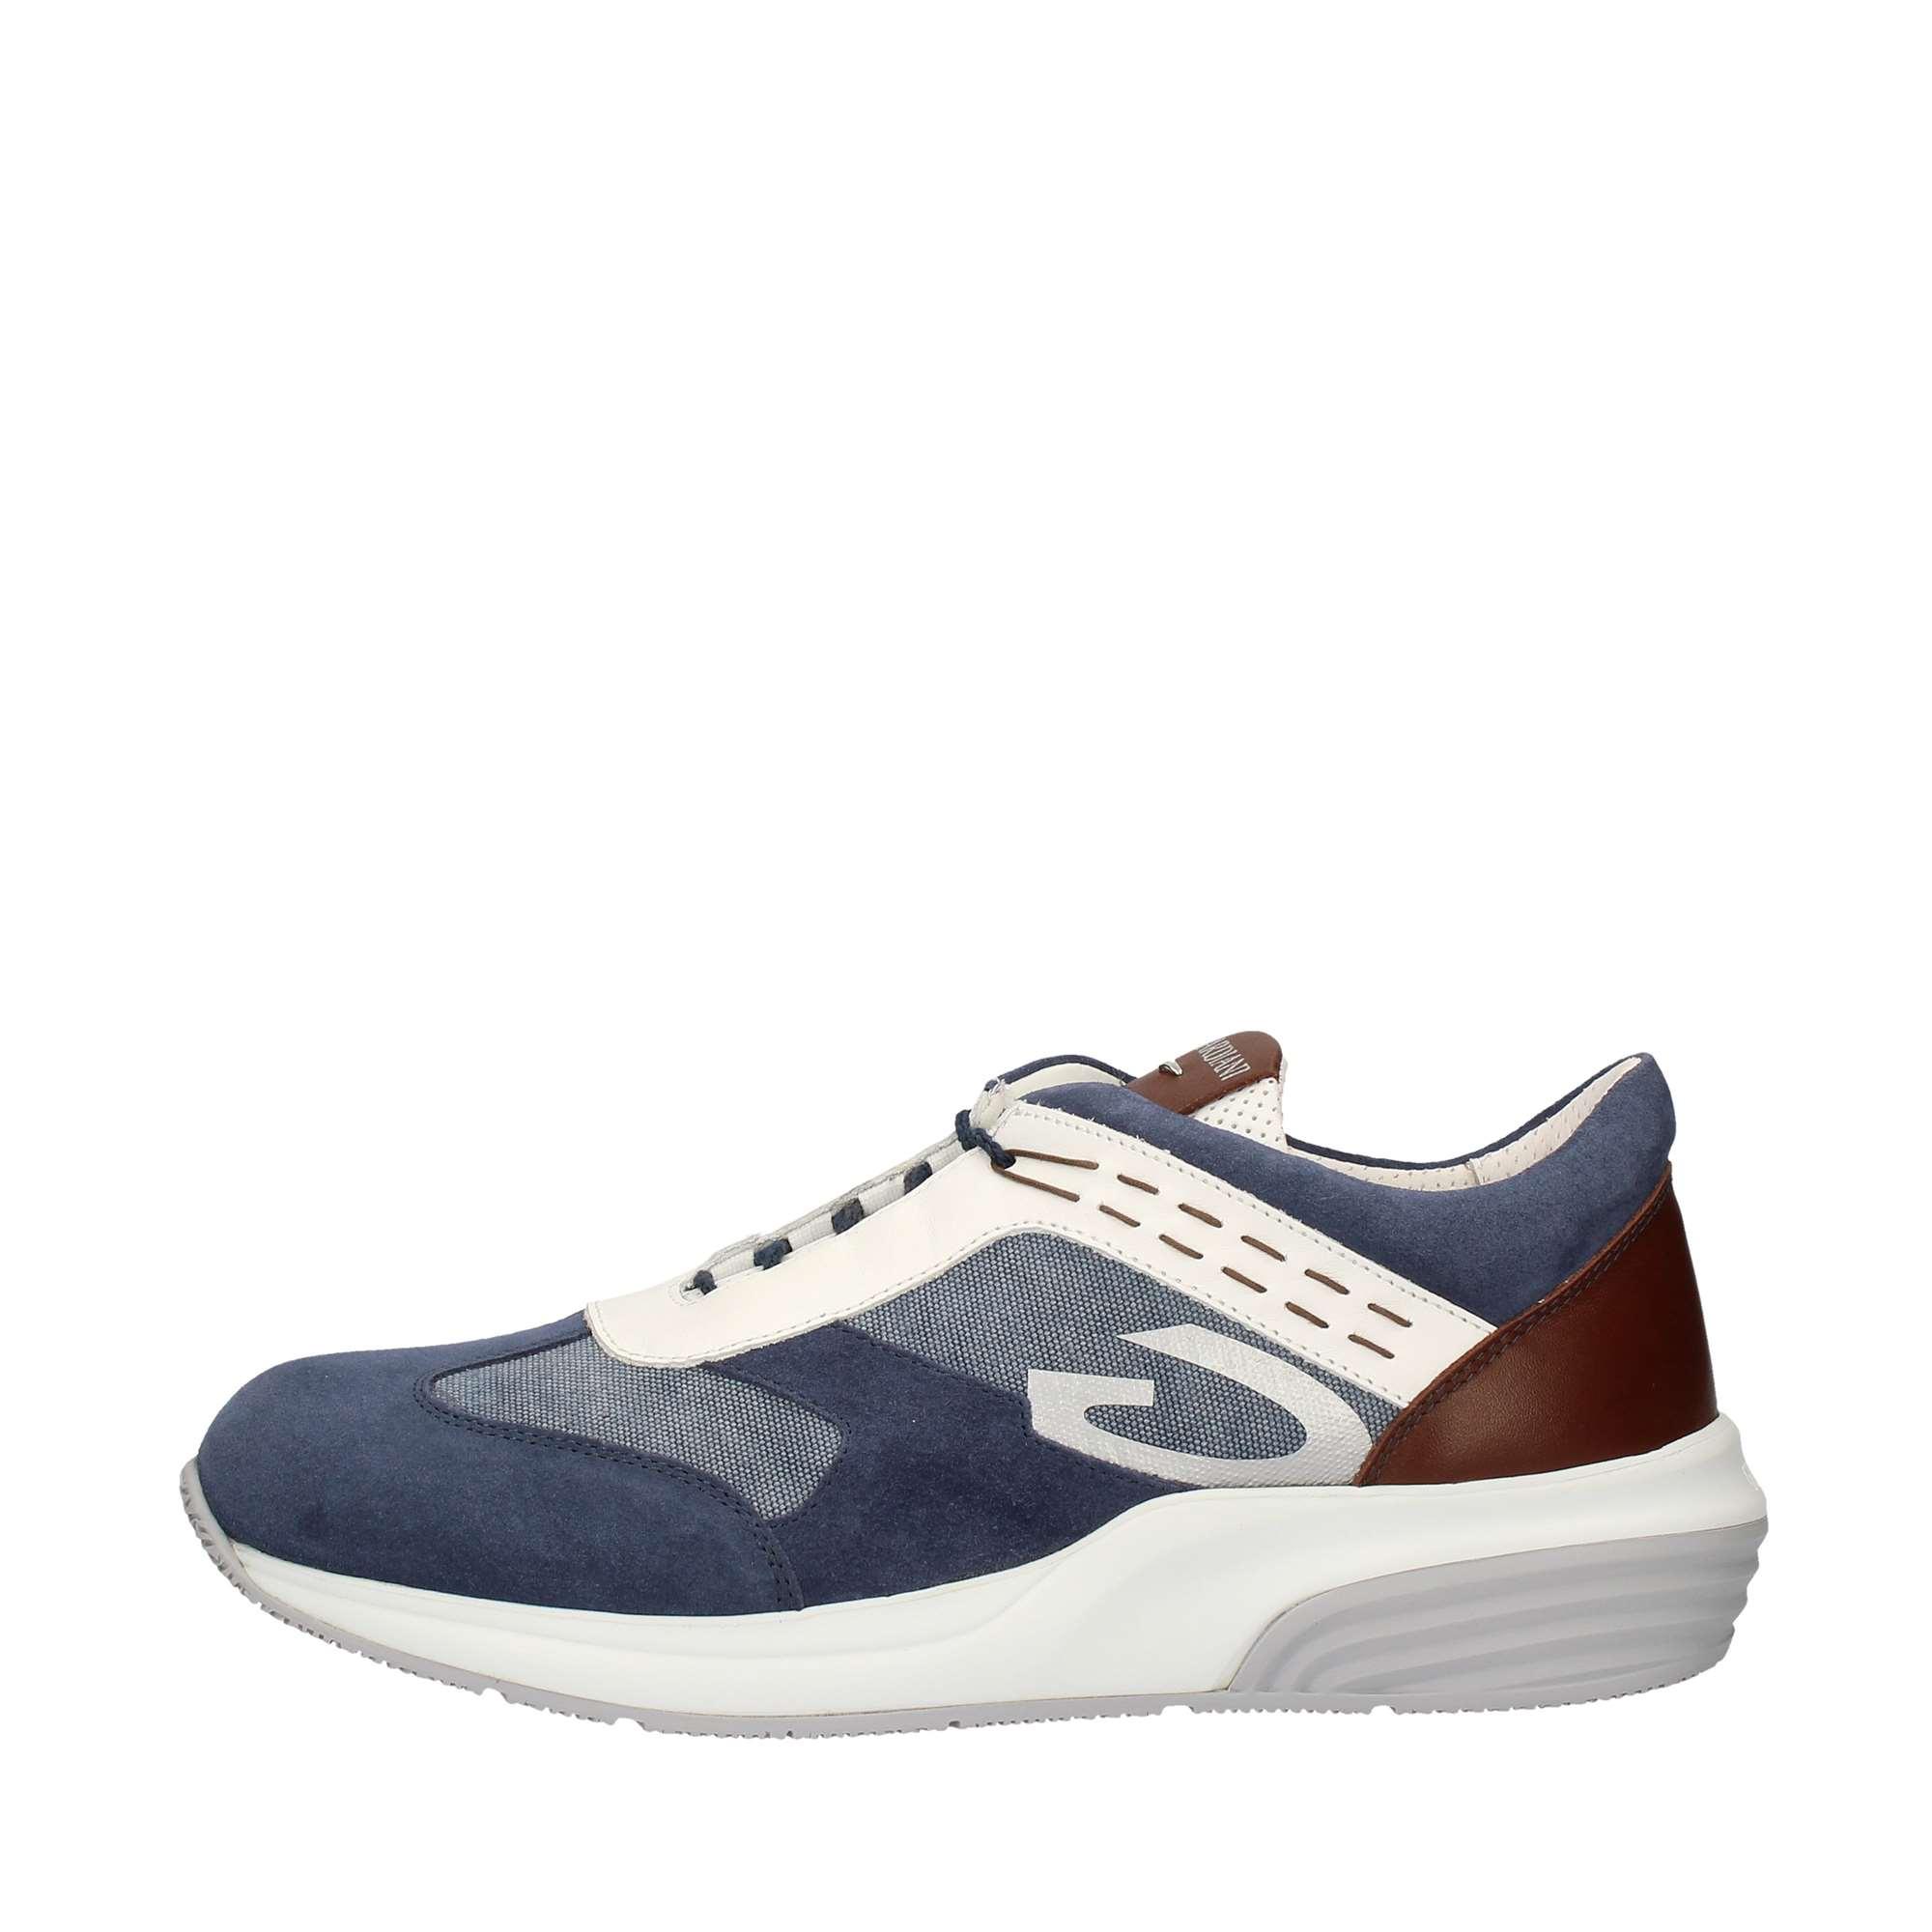 Alberto Guardiani Sneakers Uomo SU74321C | Acquista ora su